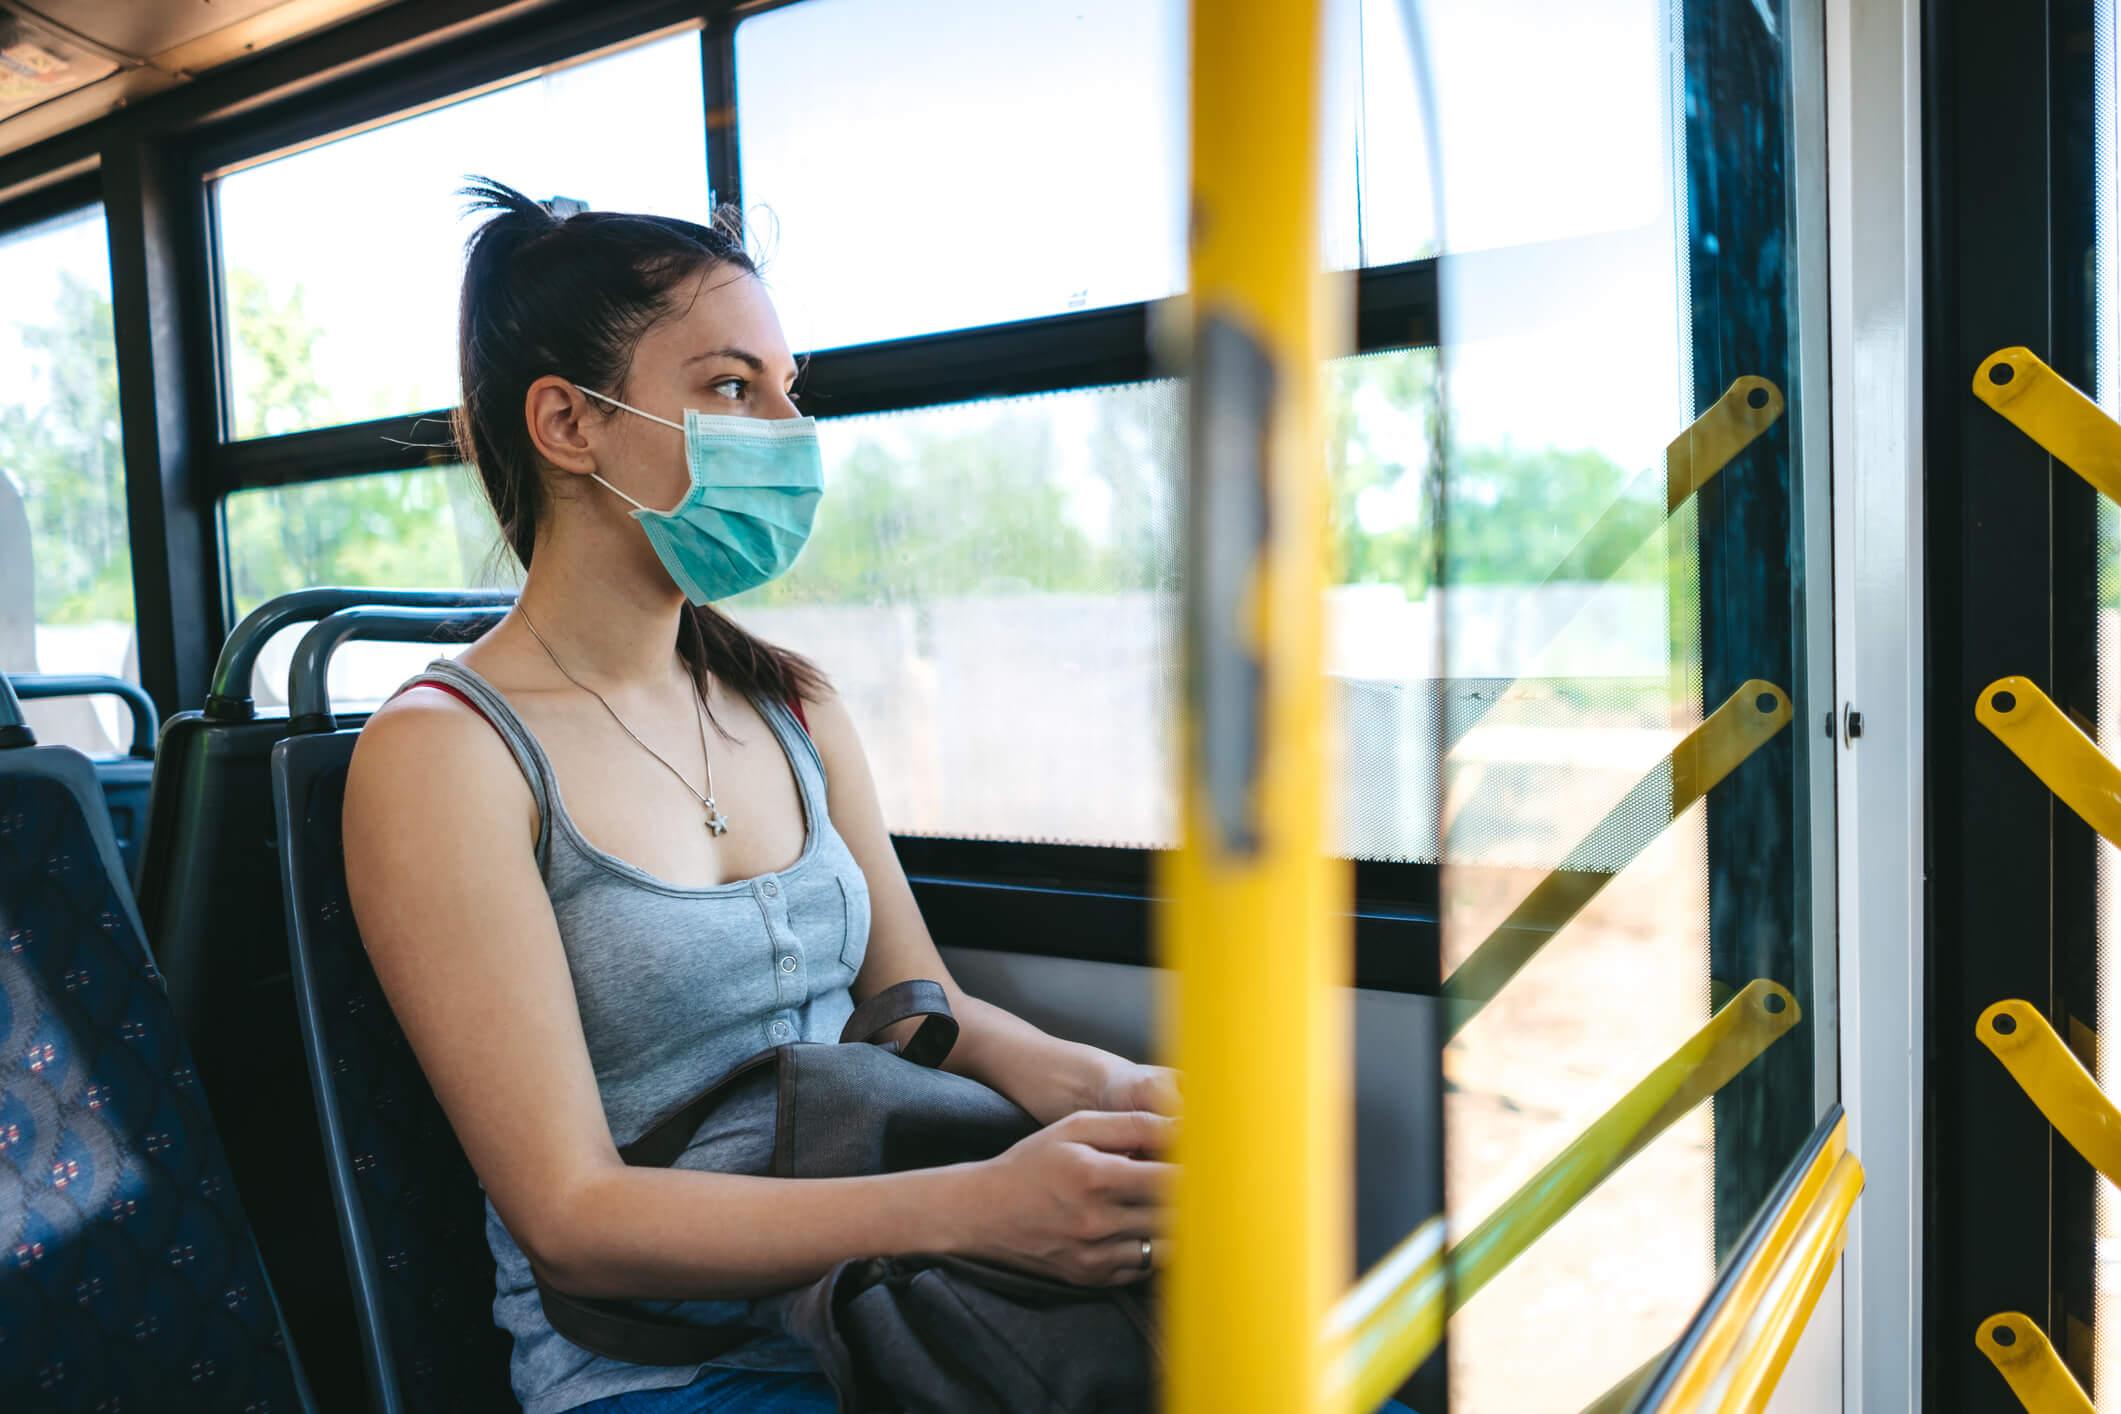 Coronavirus - Mujer con mascarilla en transporte público